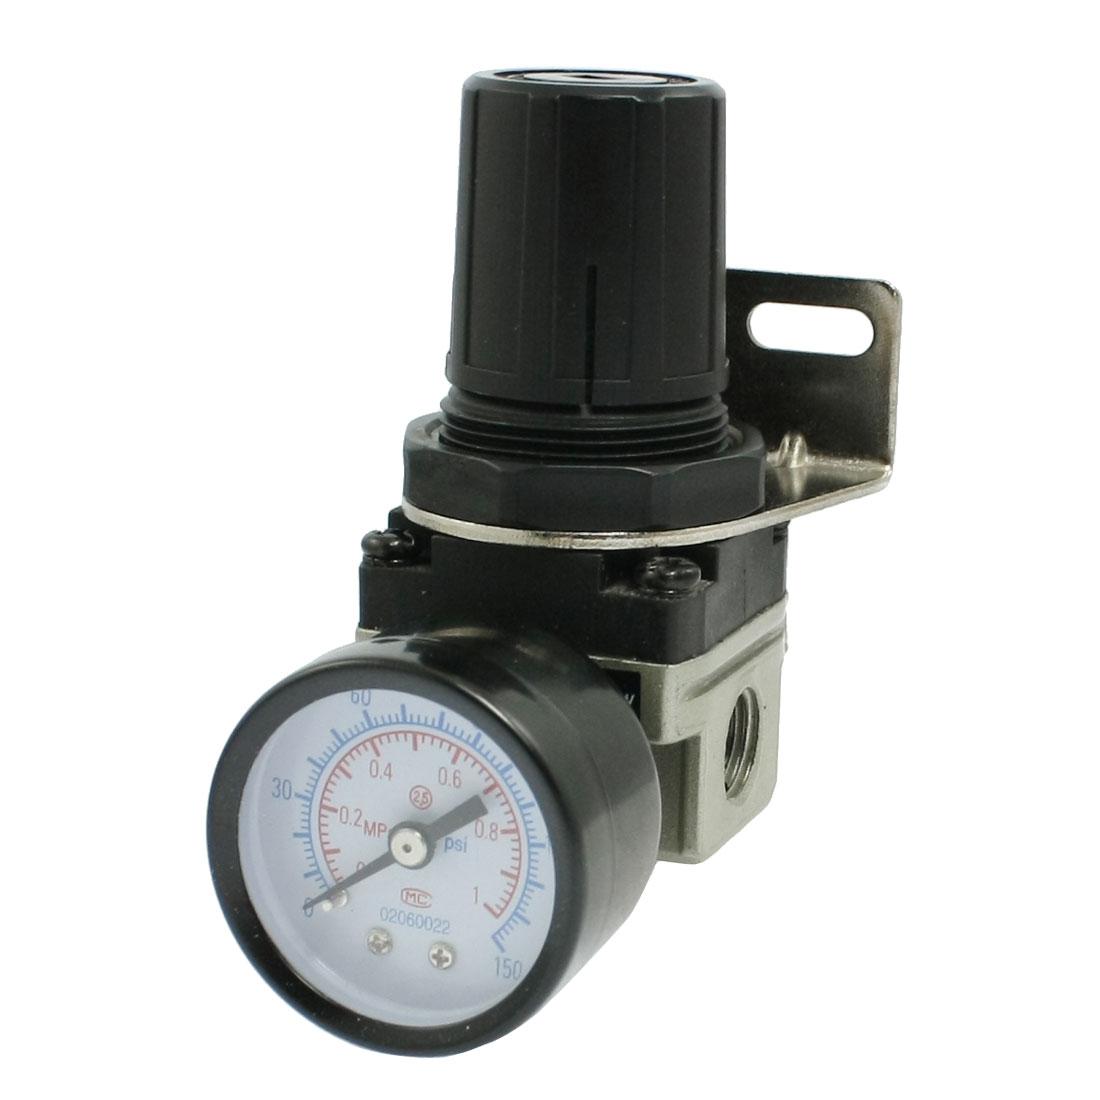 """0-1.0MPa Gauge 1/4"""" Thread Pneumatic Air Source Treatment Regulator"""